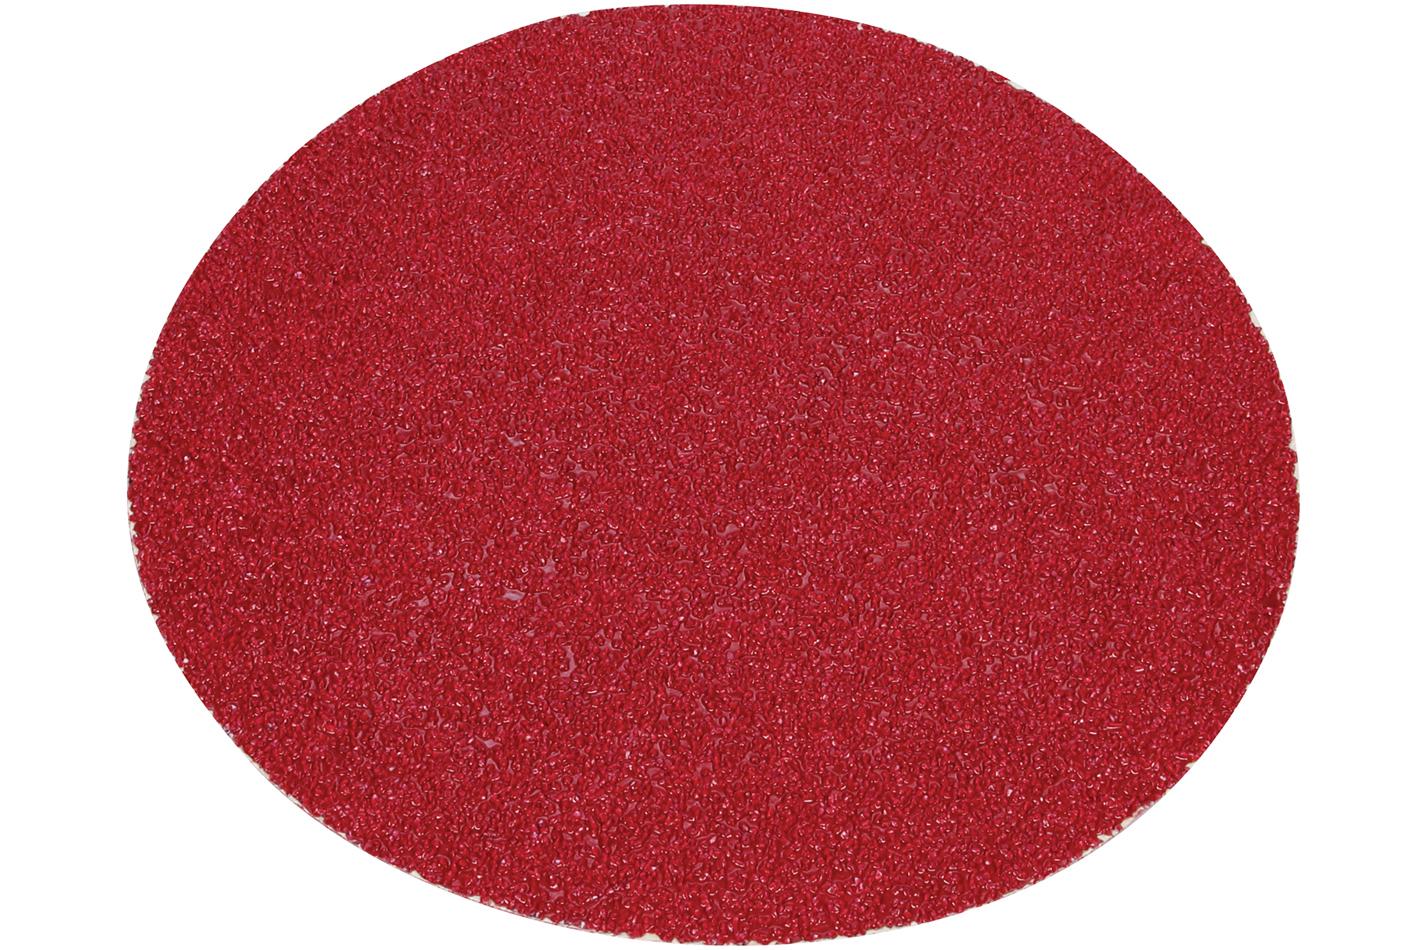 Allstar Performance Sanding Discs 8in 24 Grit 20pk